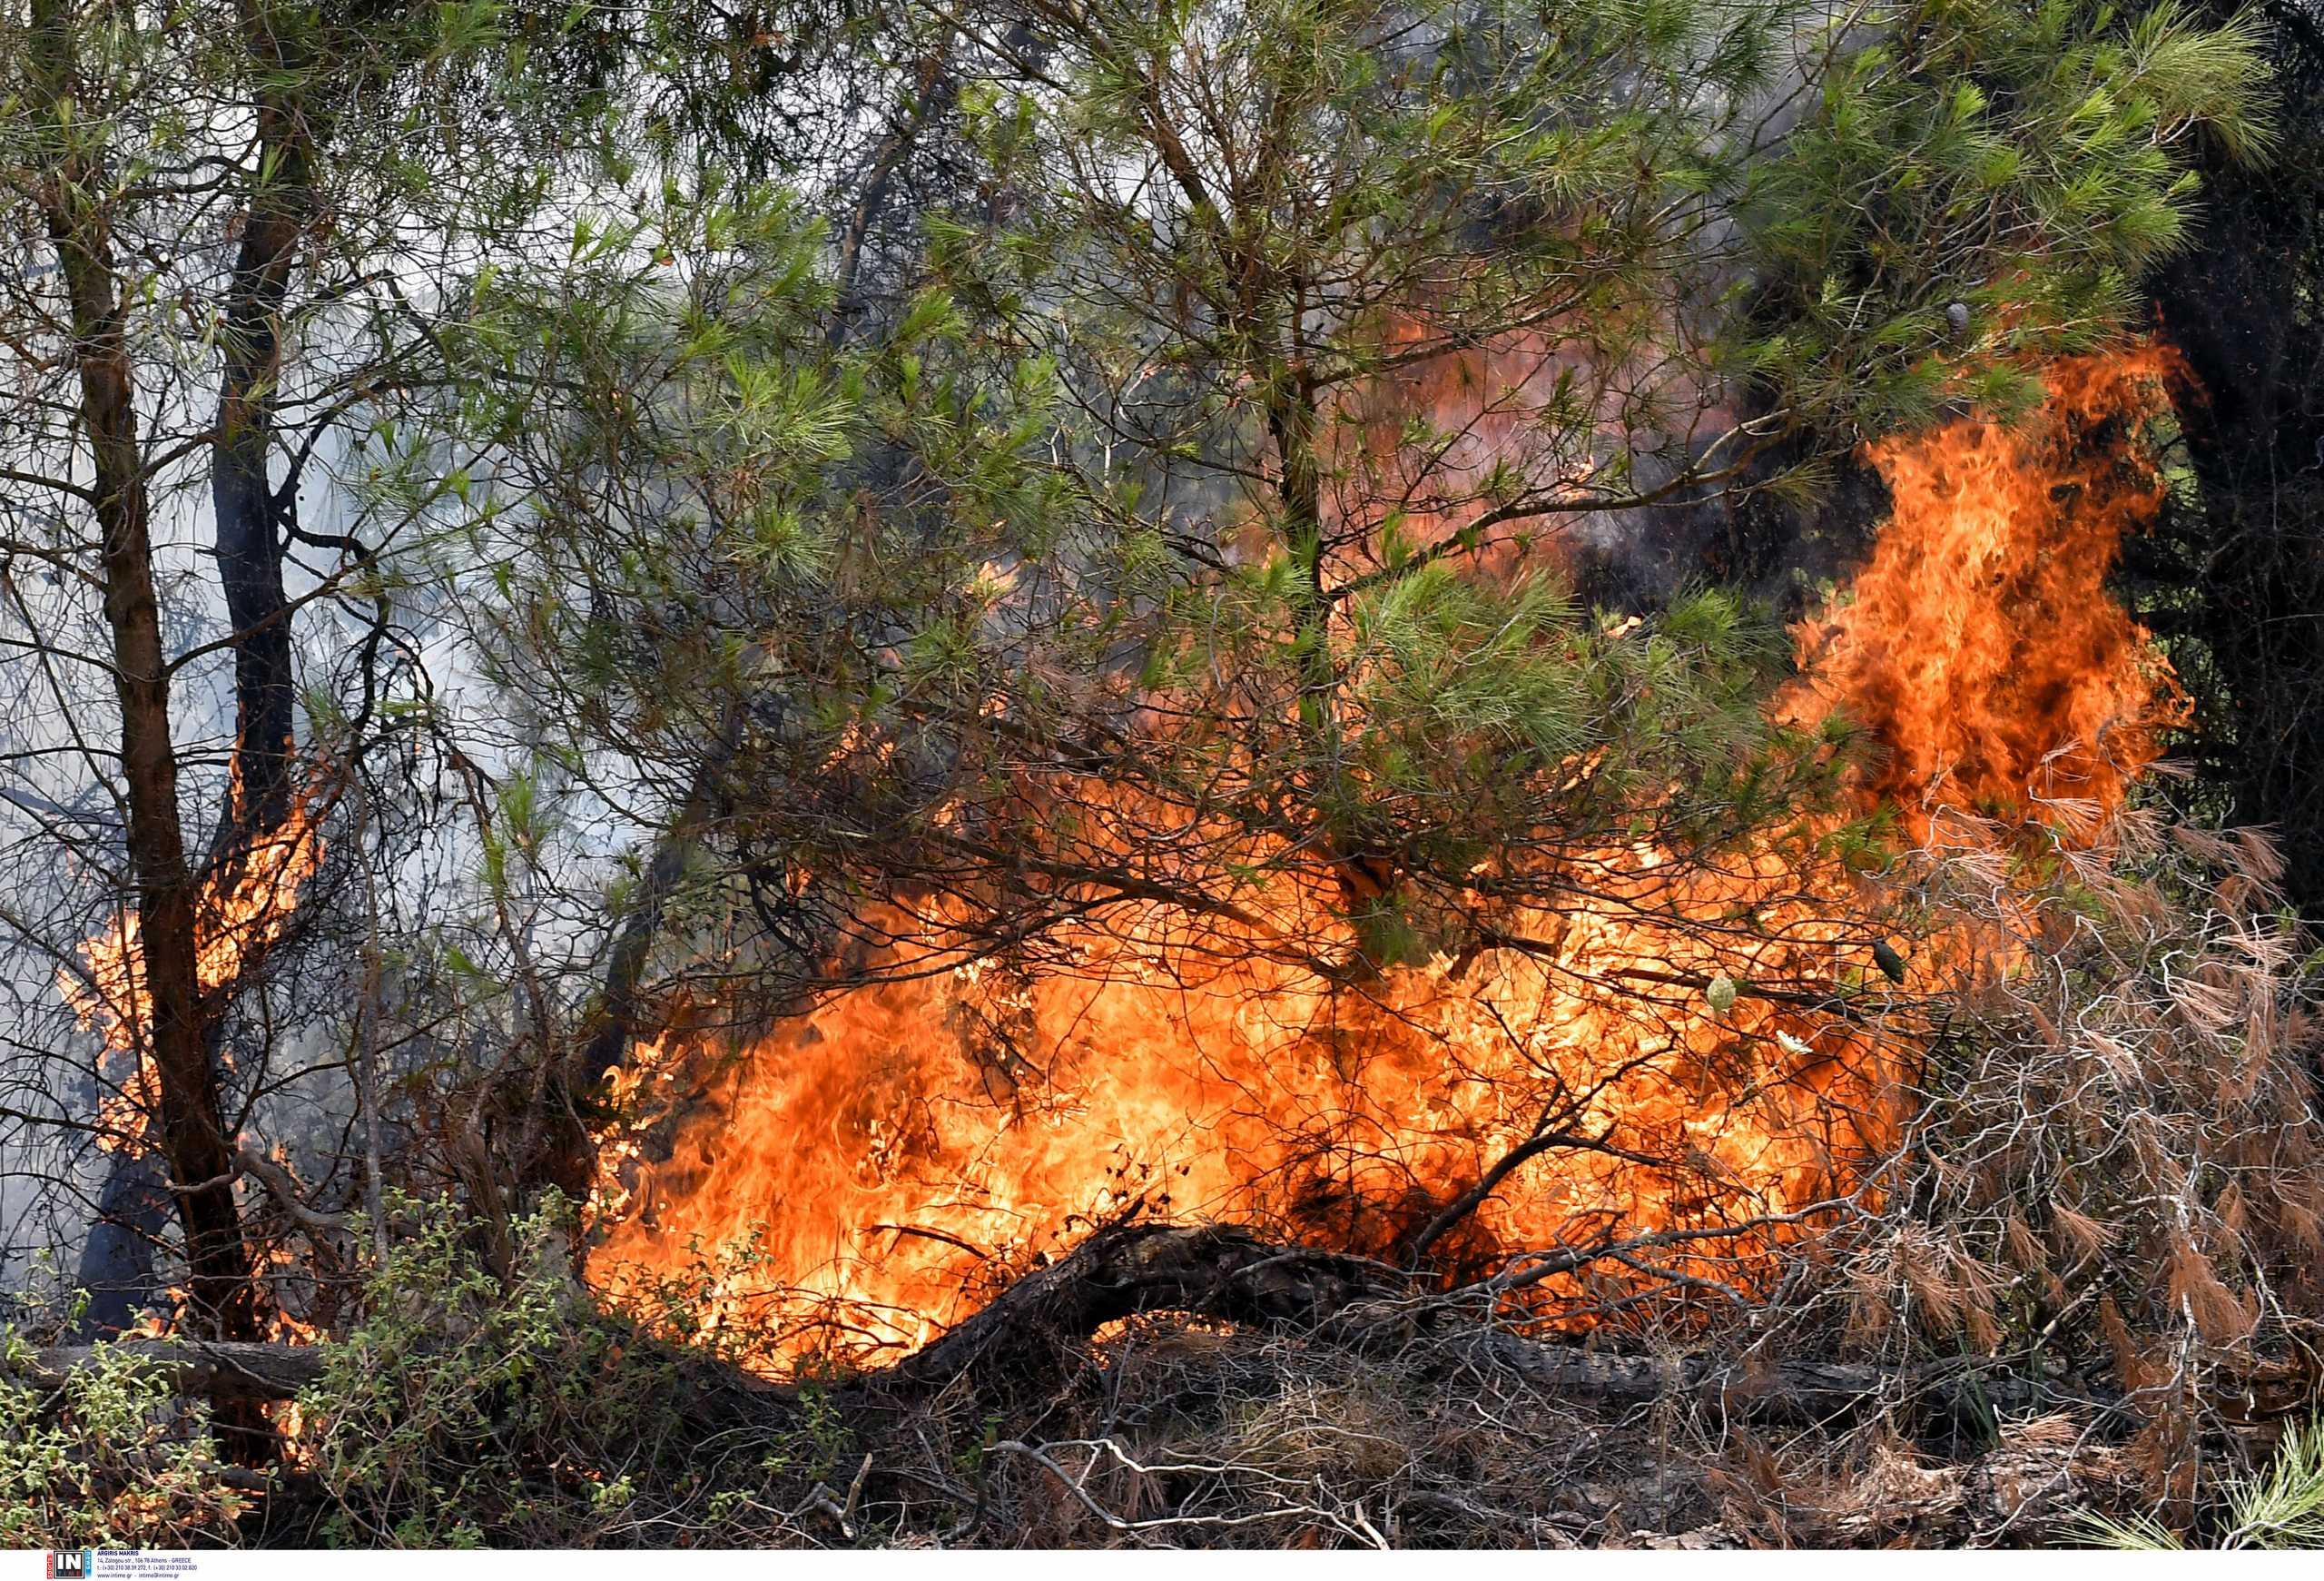 Φωτιά στην Ηλεία: Έρευνες για επίδοξο εμπρηστή στη Λαμπεία